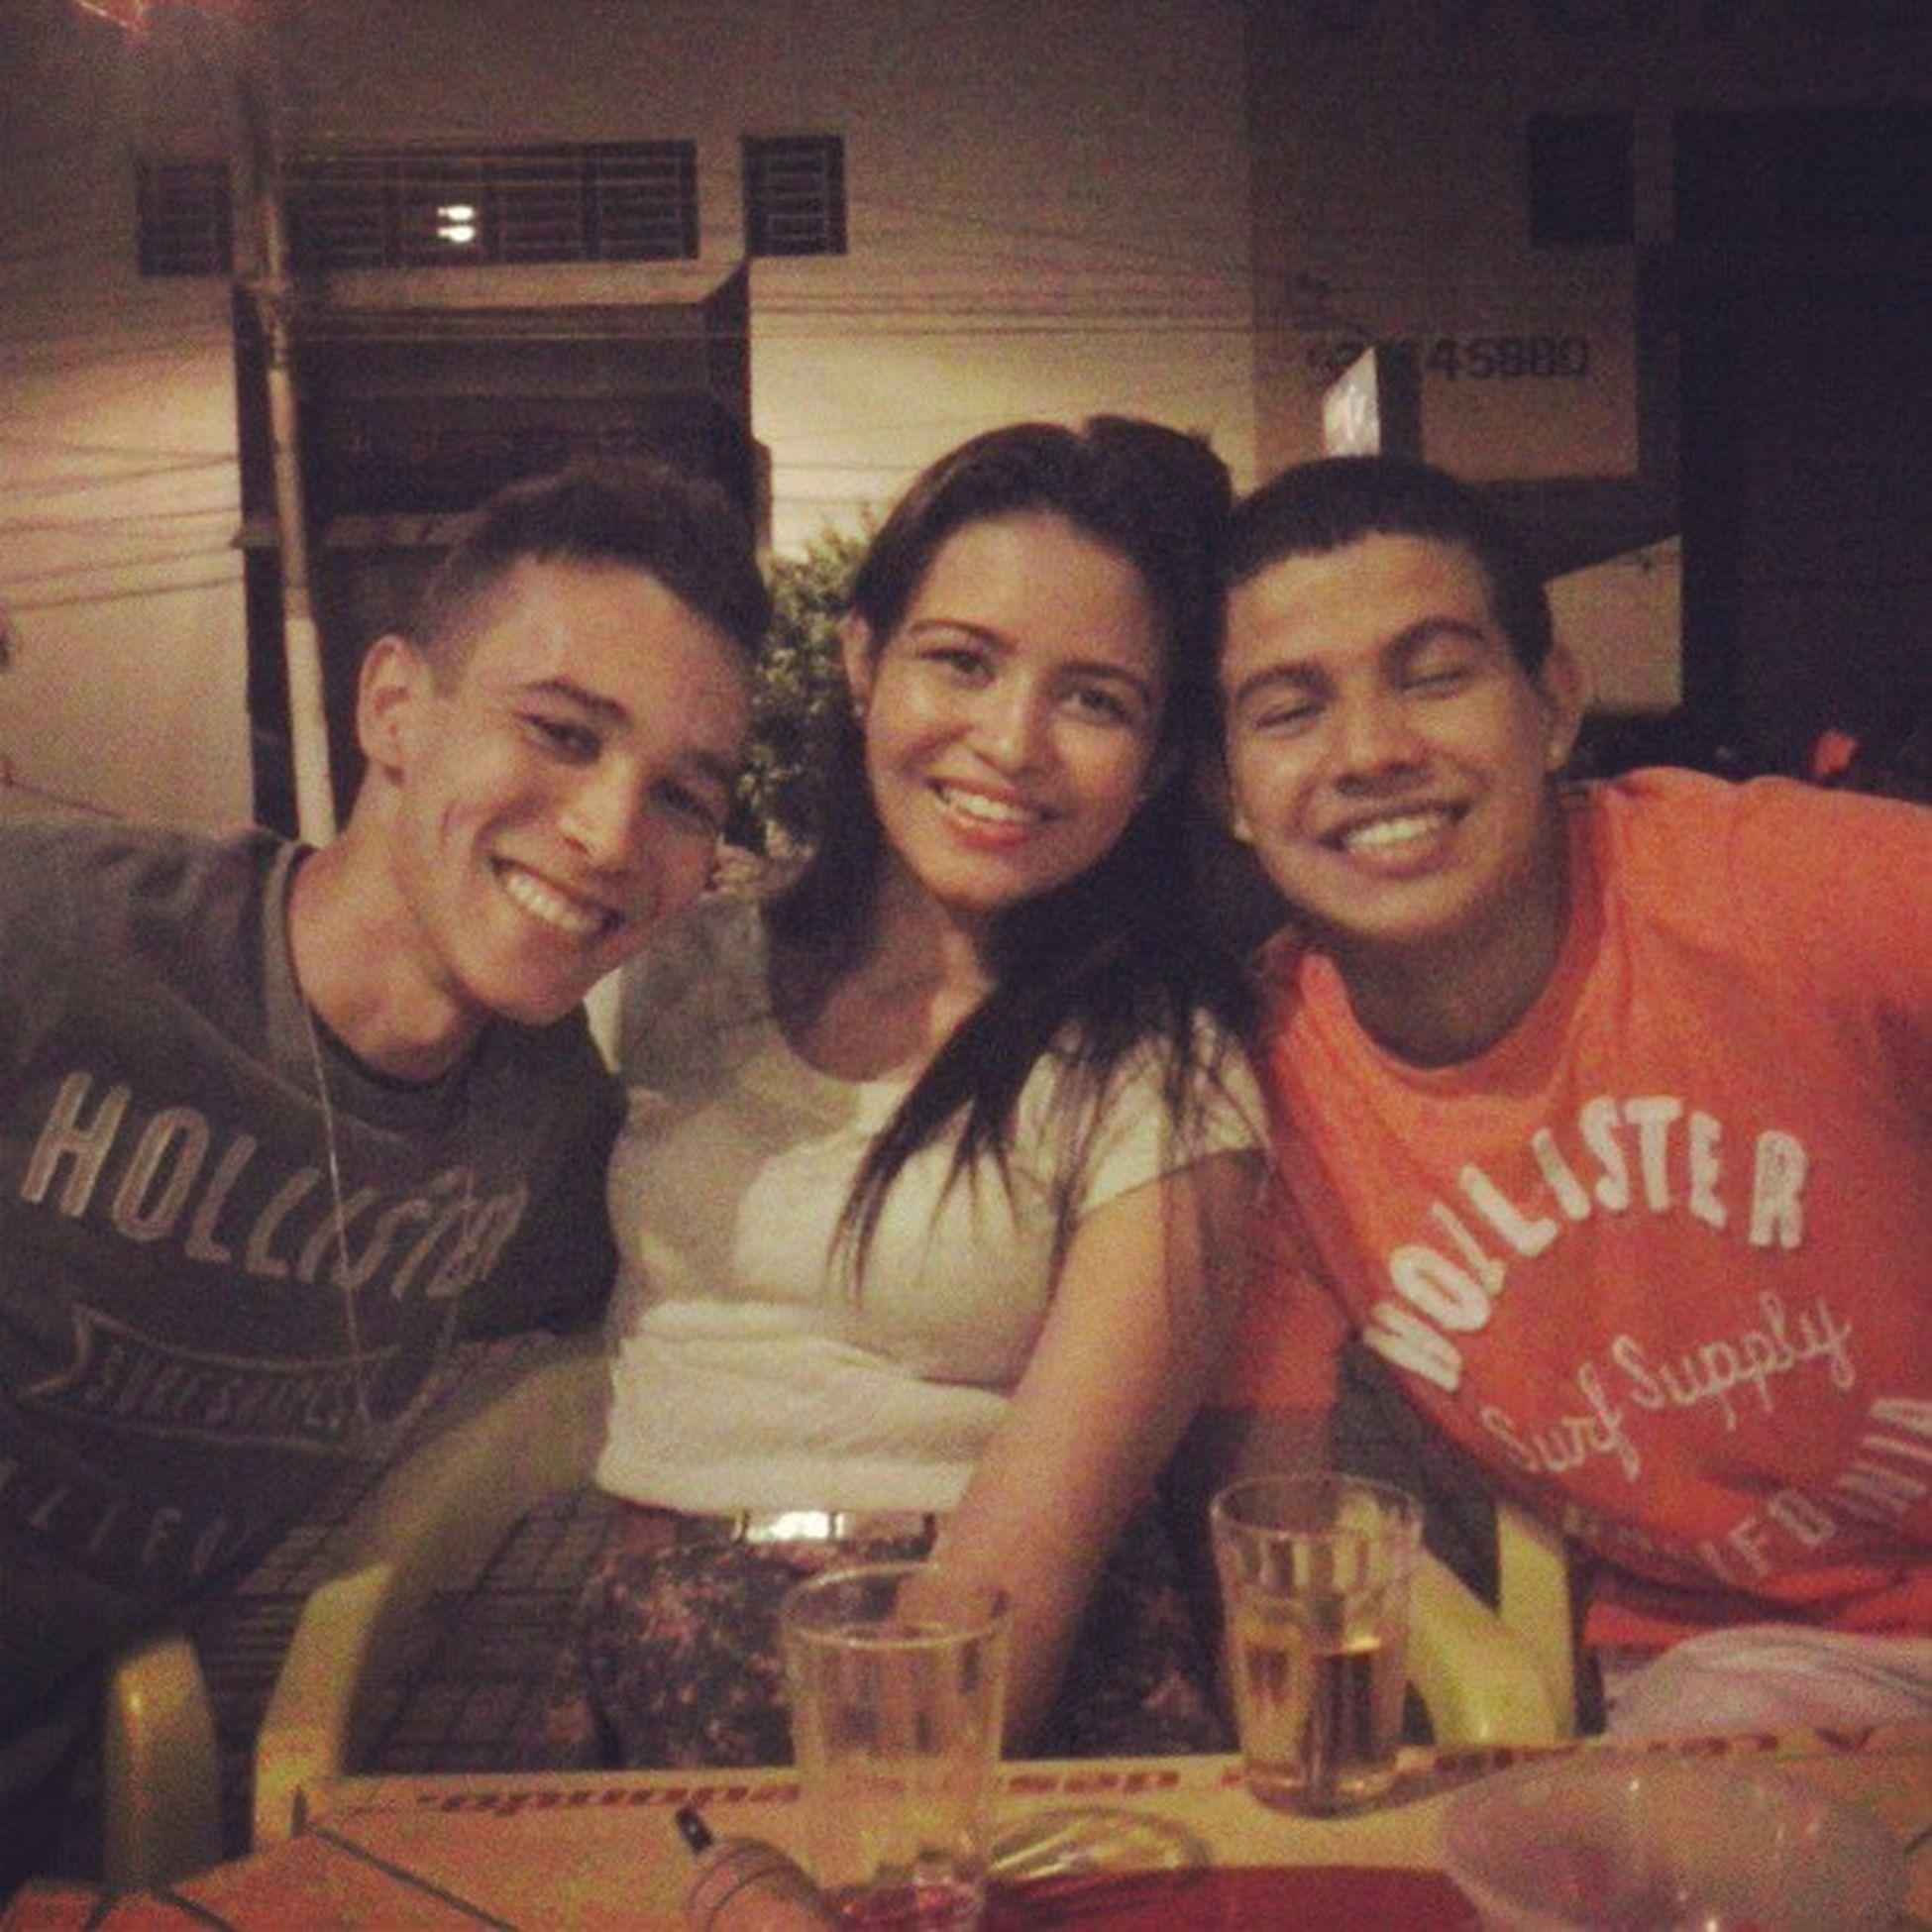 Buteco com os primos Divicity @henriqueergos. @depaulabruna. @tavare_sronaldo